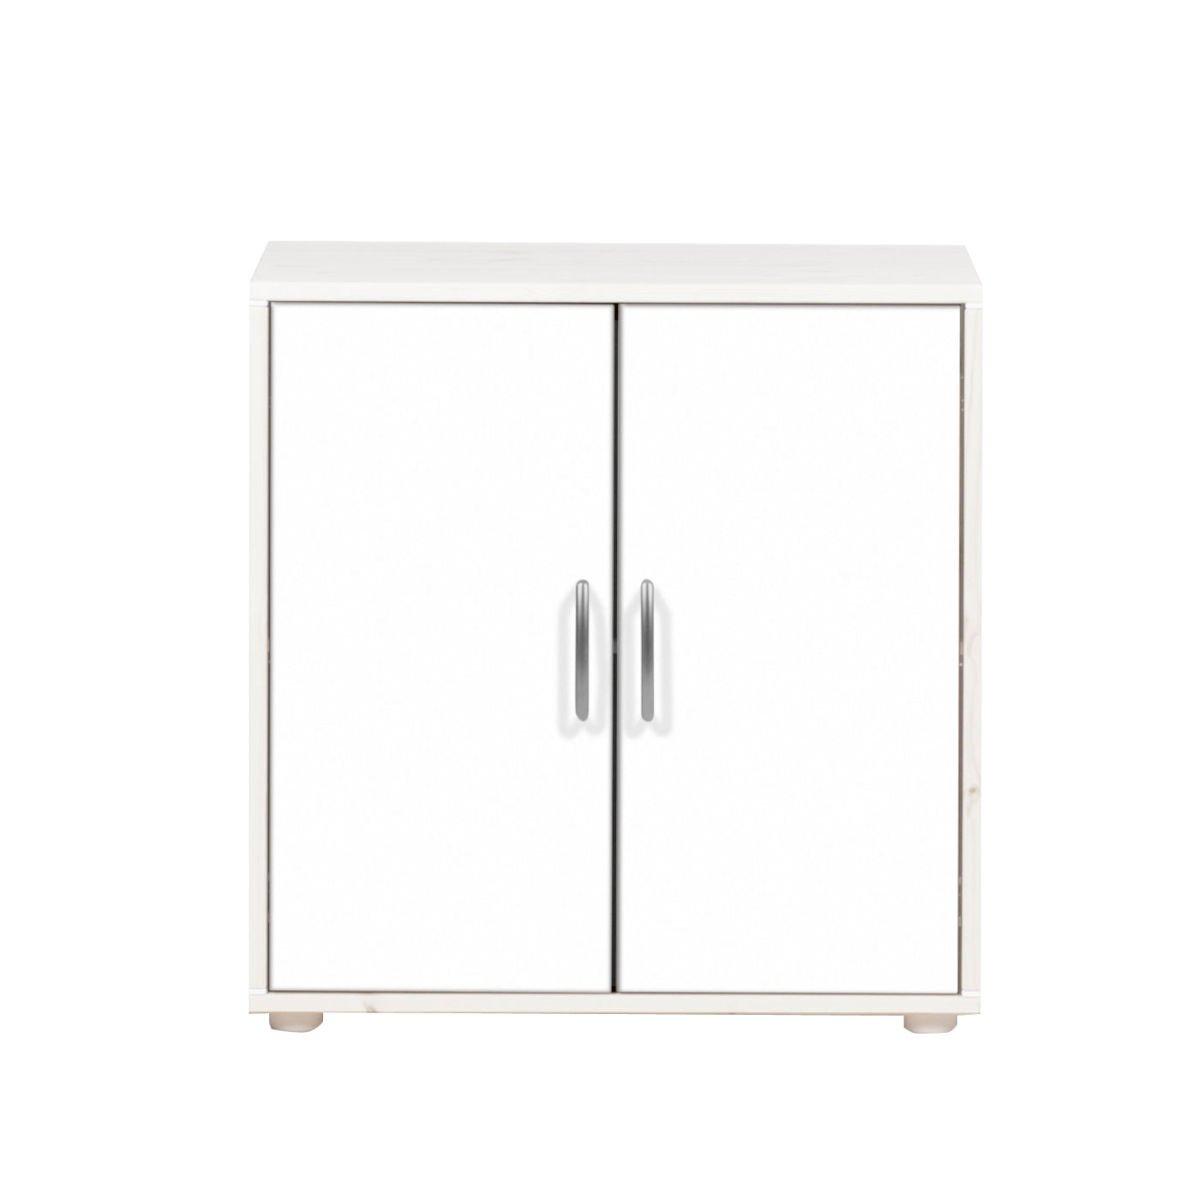 classic kommode 2 t ren kieferwei lack wei wei 220. Black Bedroom Furniture Sets. Home Design Ideas